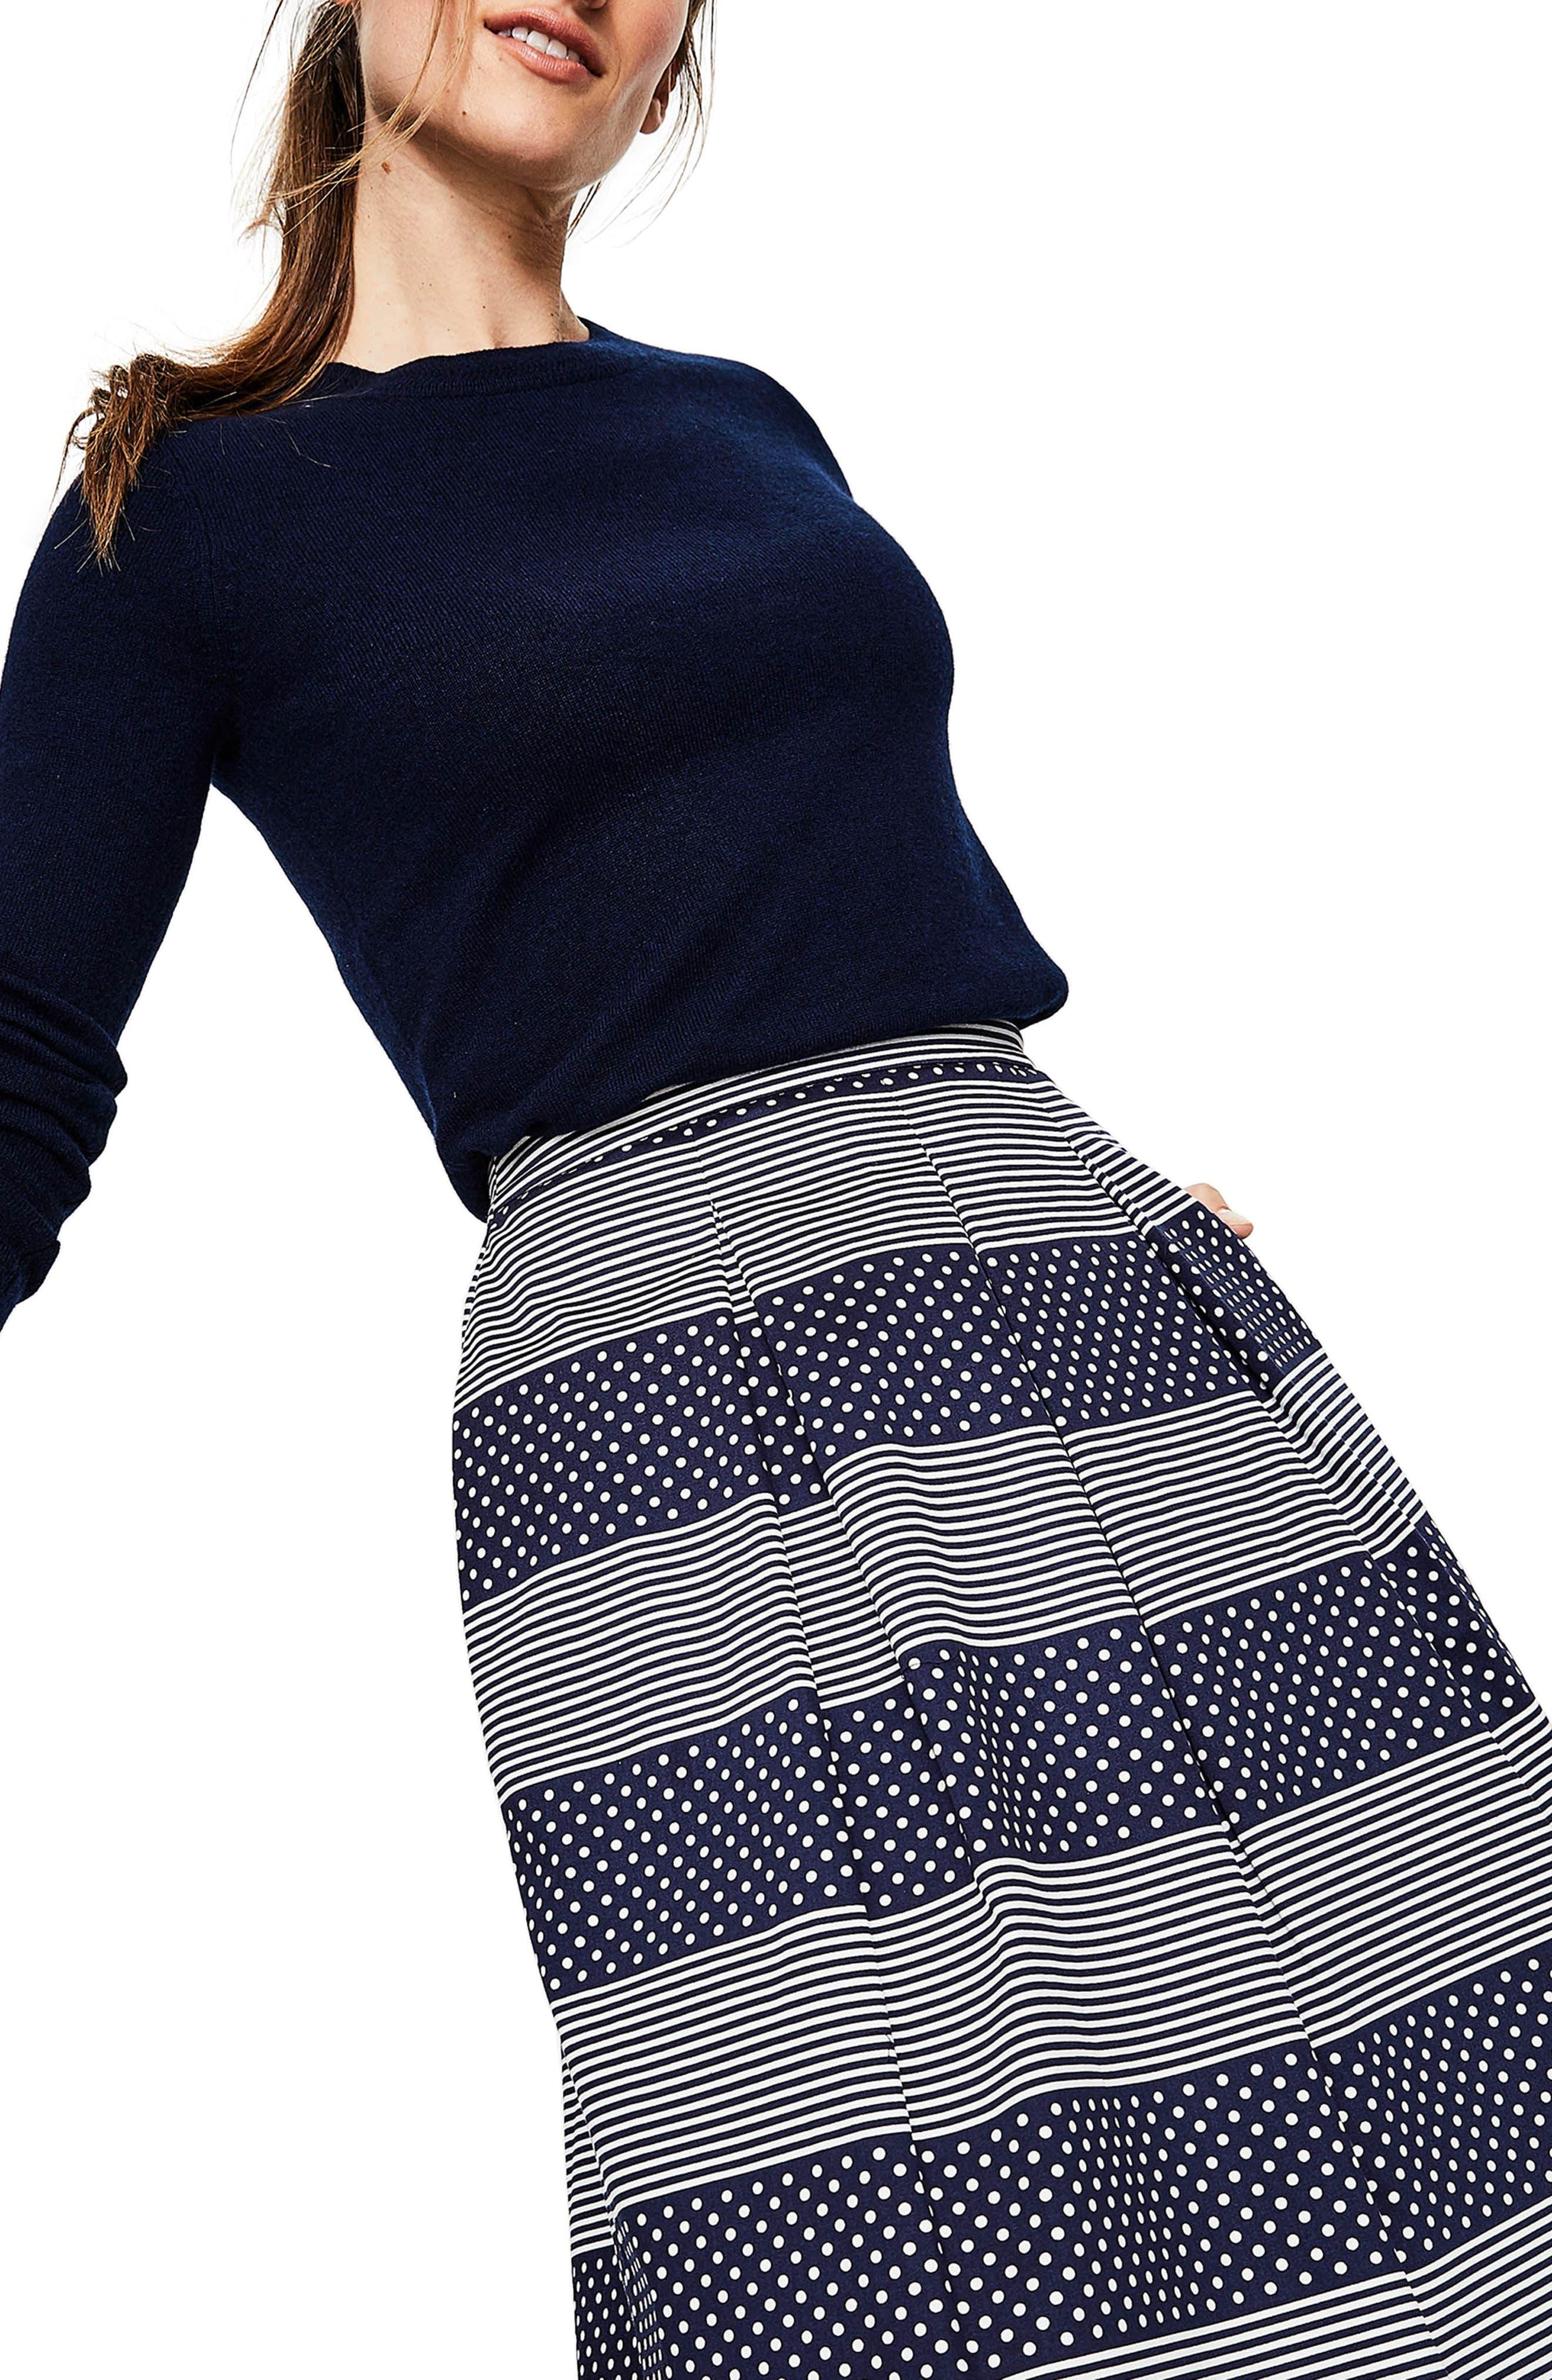 Lola Floral Flared Skirt,                             Alternate thumbnail 3, color,                             Navy/ Spot Stripe